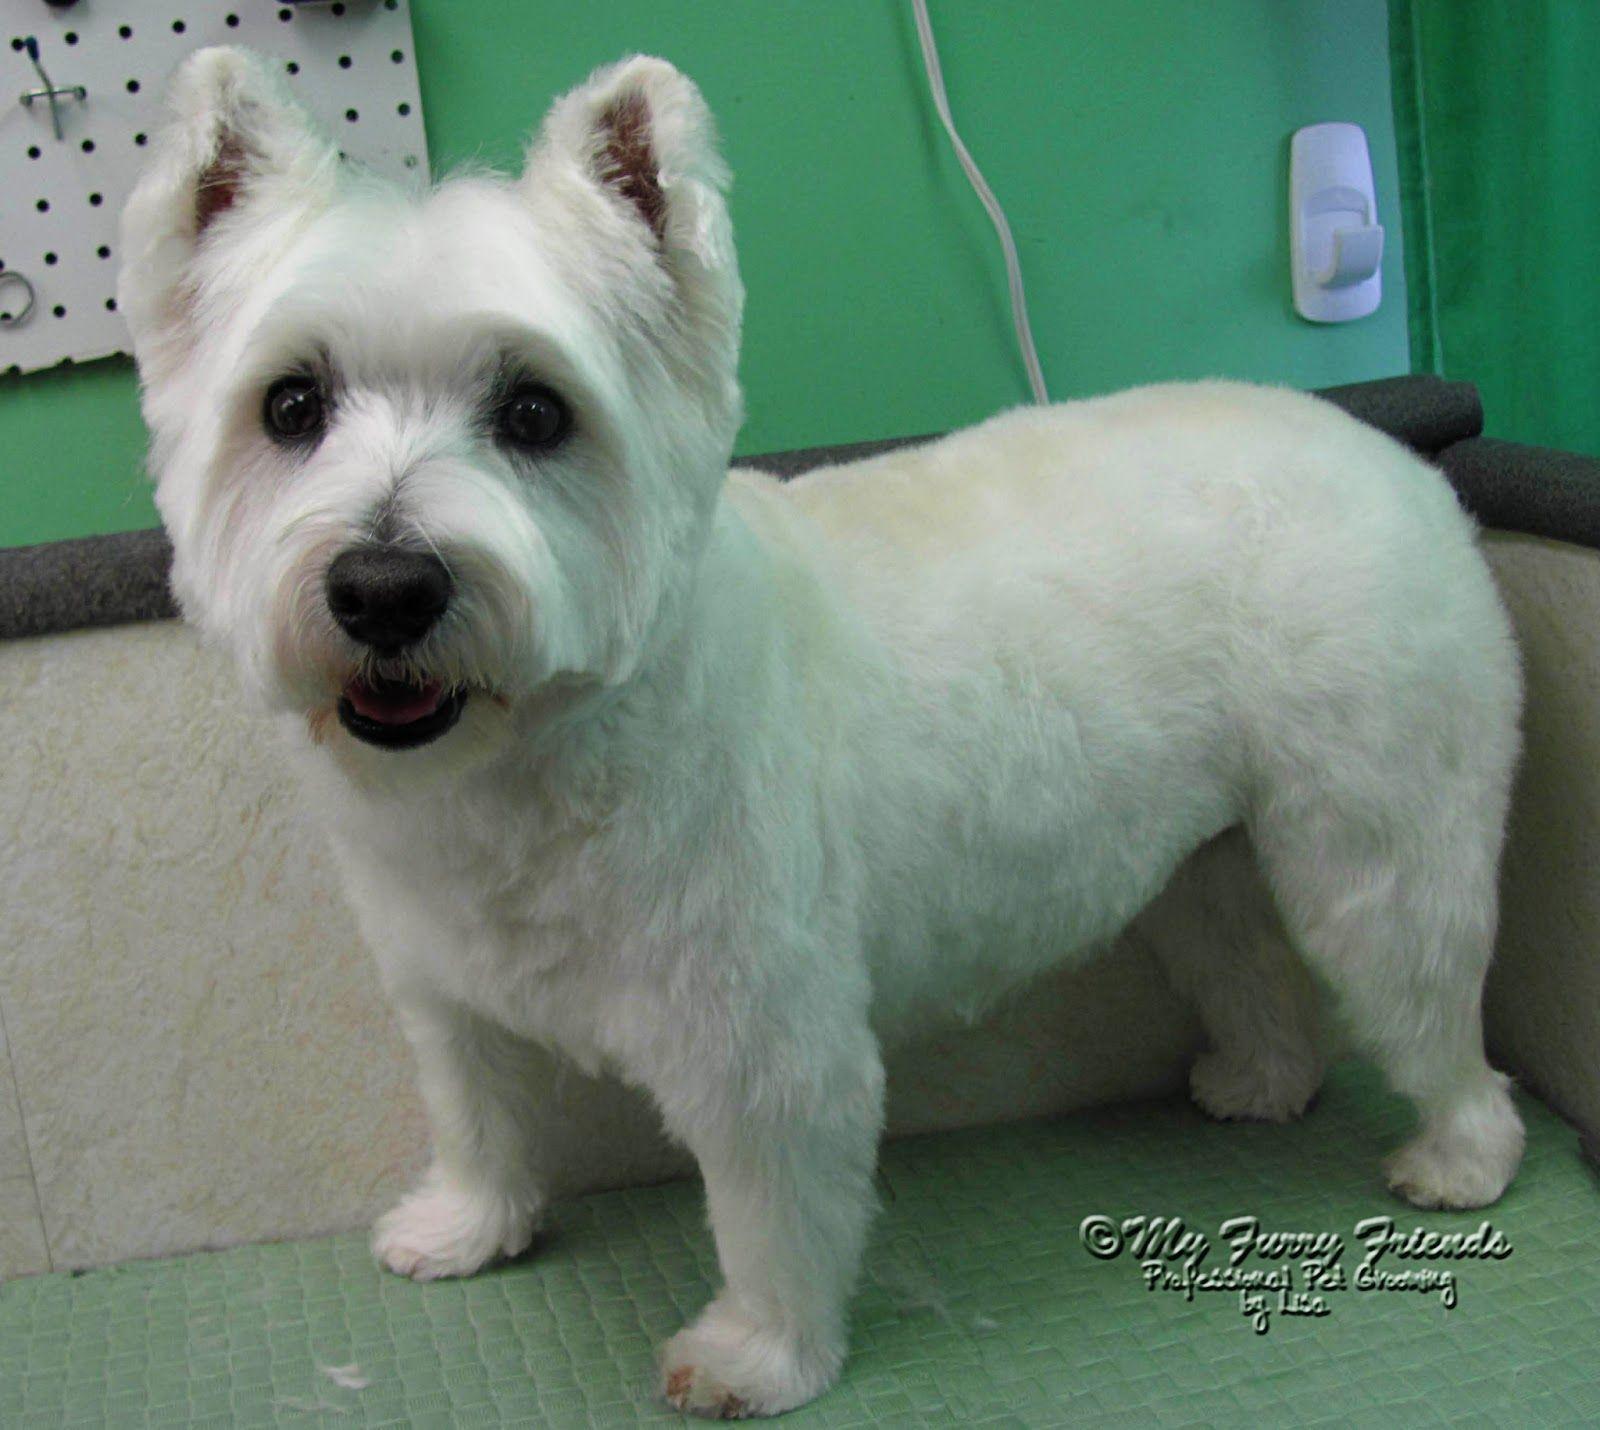 cairn terrier haircuts | fade haircut | cairn terriers | dog